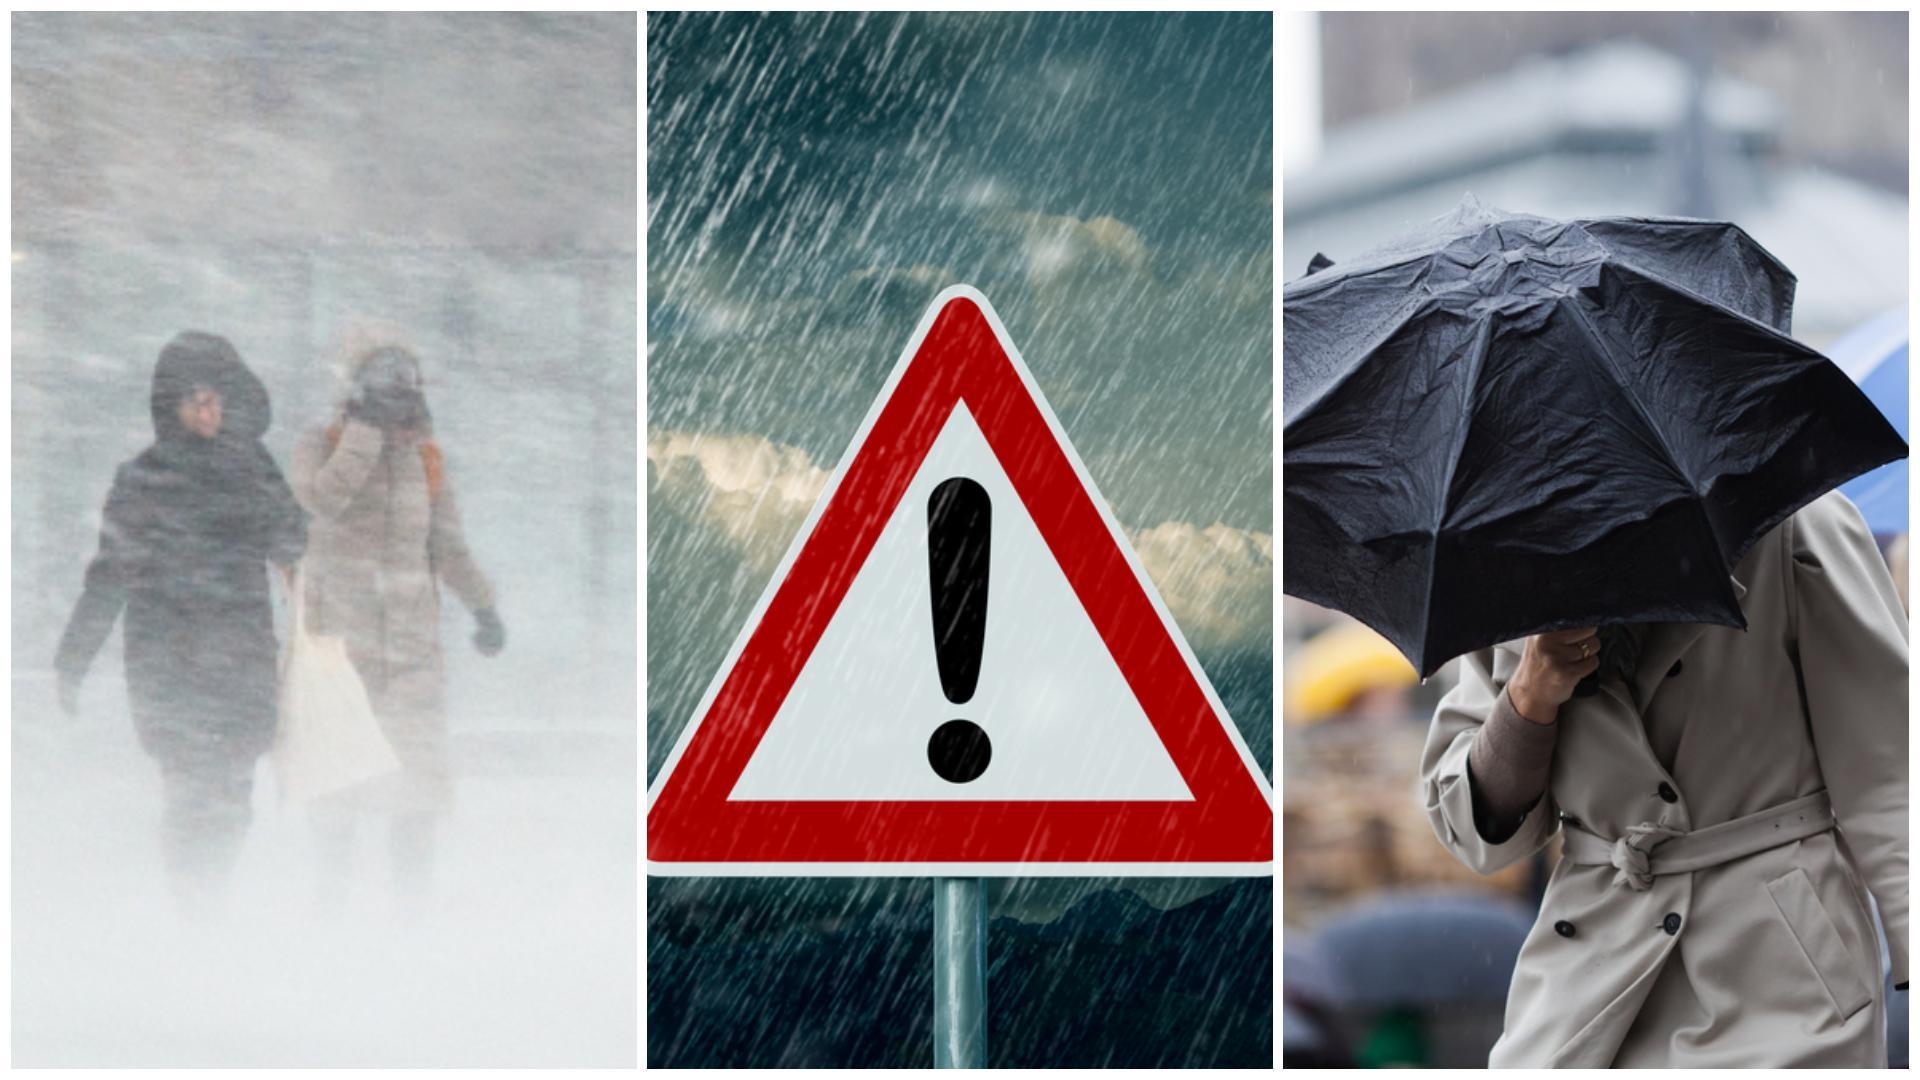 Cod galben de vreme severă: ninsori, vânt și temperaturi scăzute. Care sunt zonele vizate de avertizarea meteorologilor